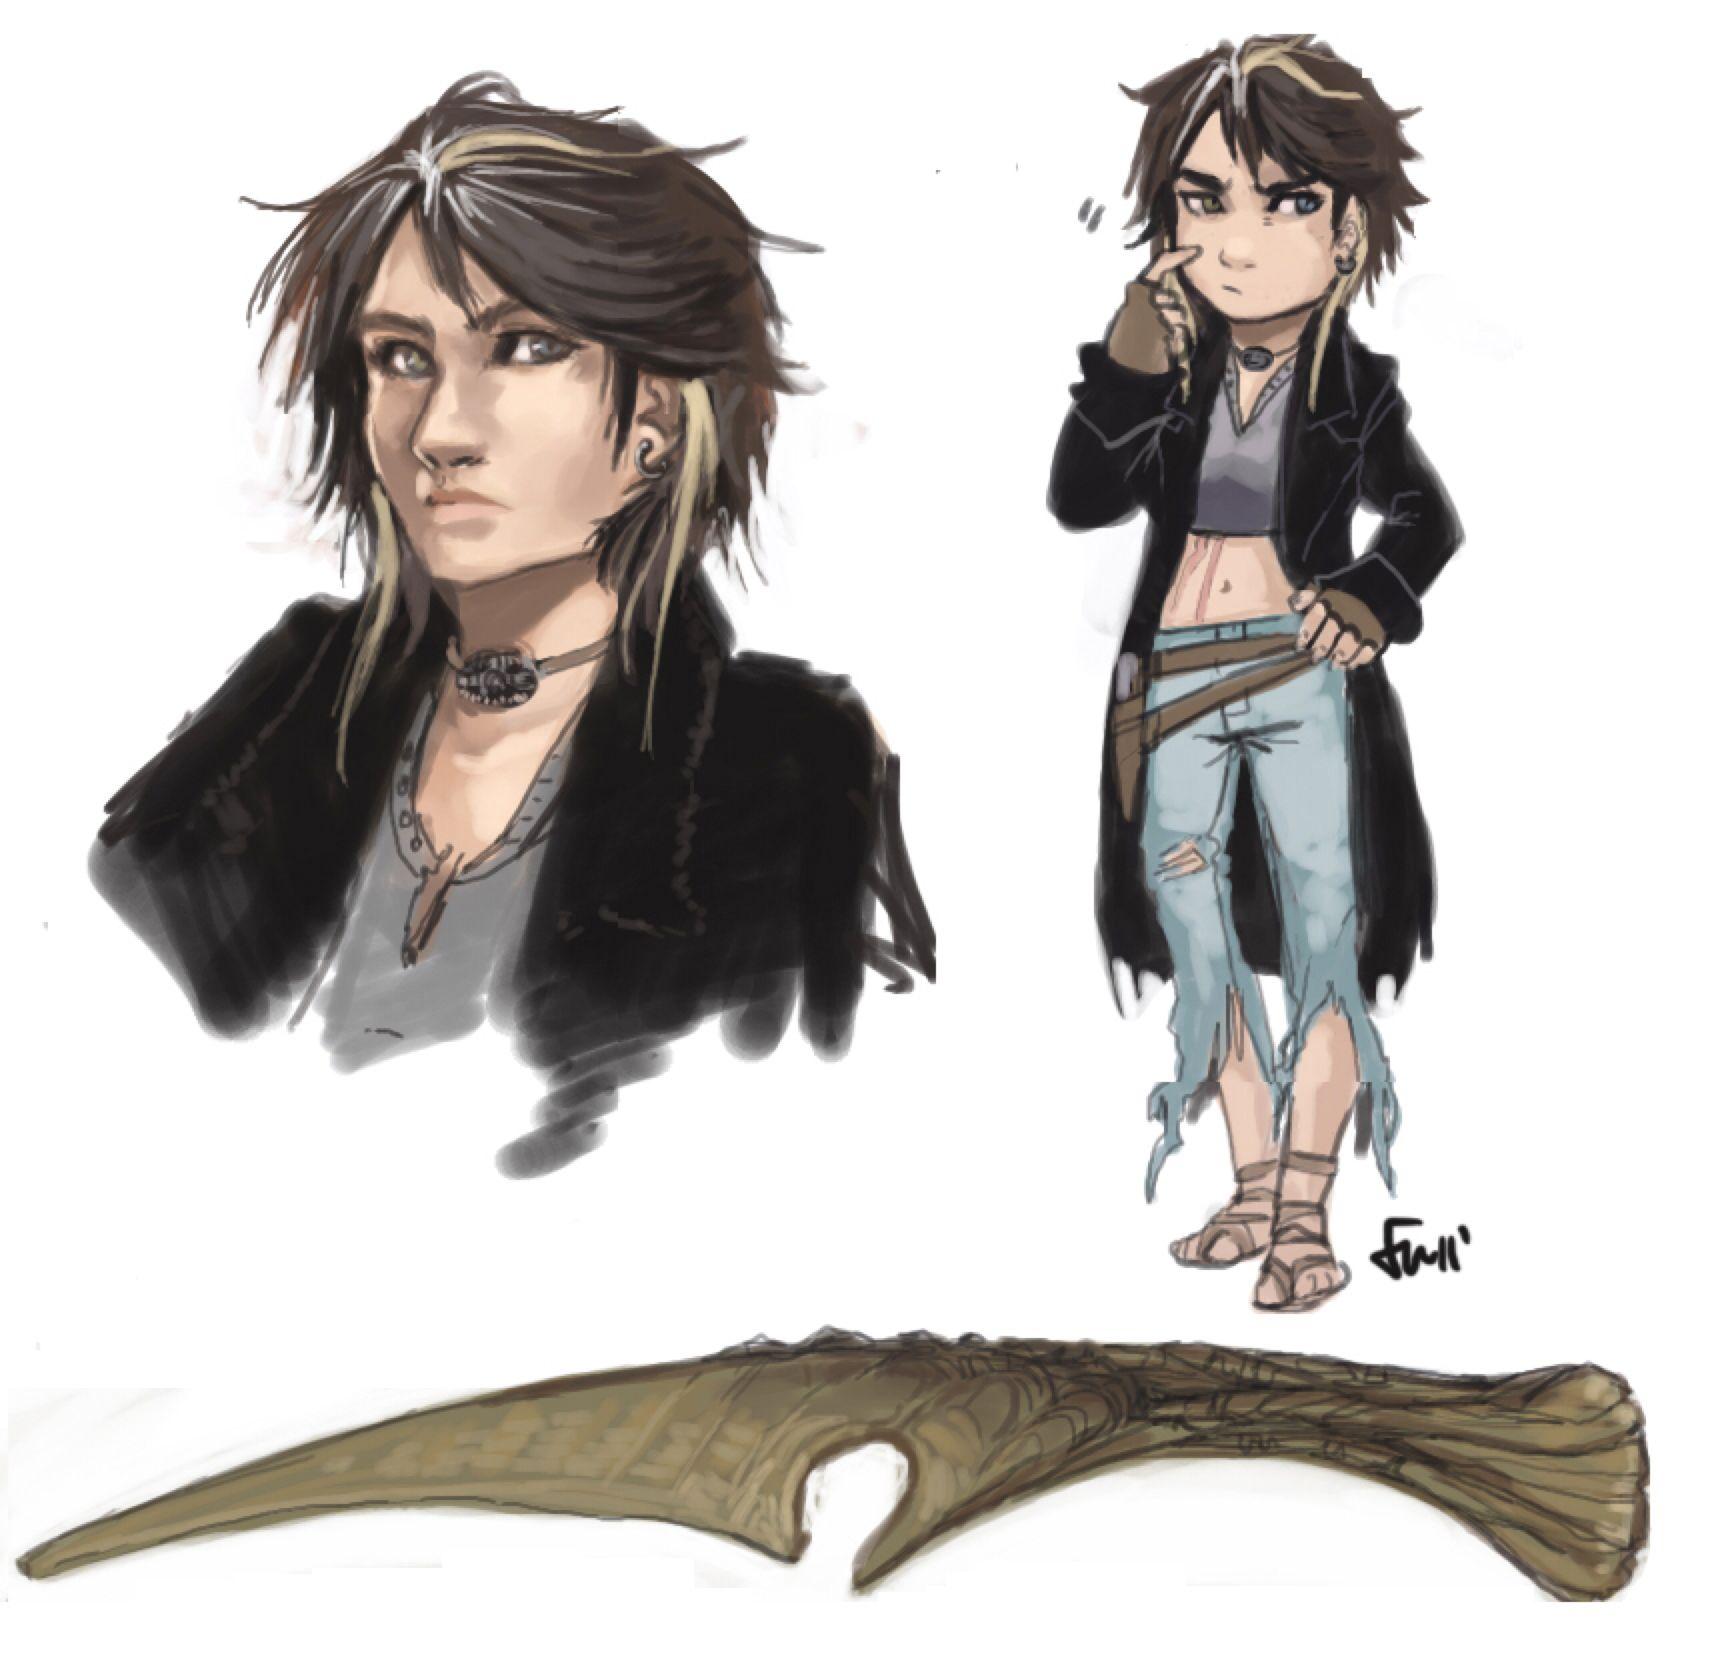 Oc Ashild By Oneoftwo On Deviantart Art Character Art Deviantart